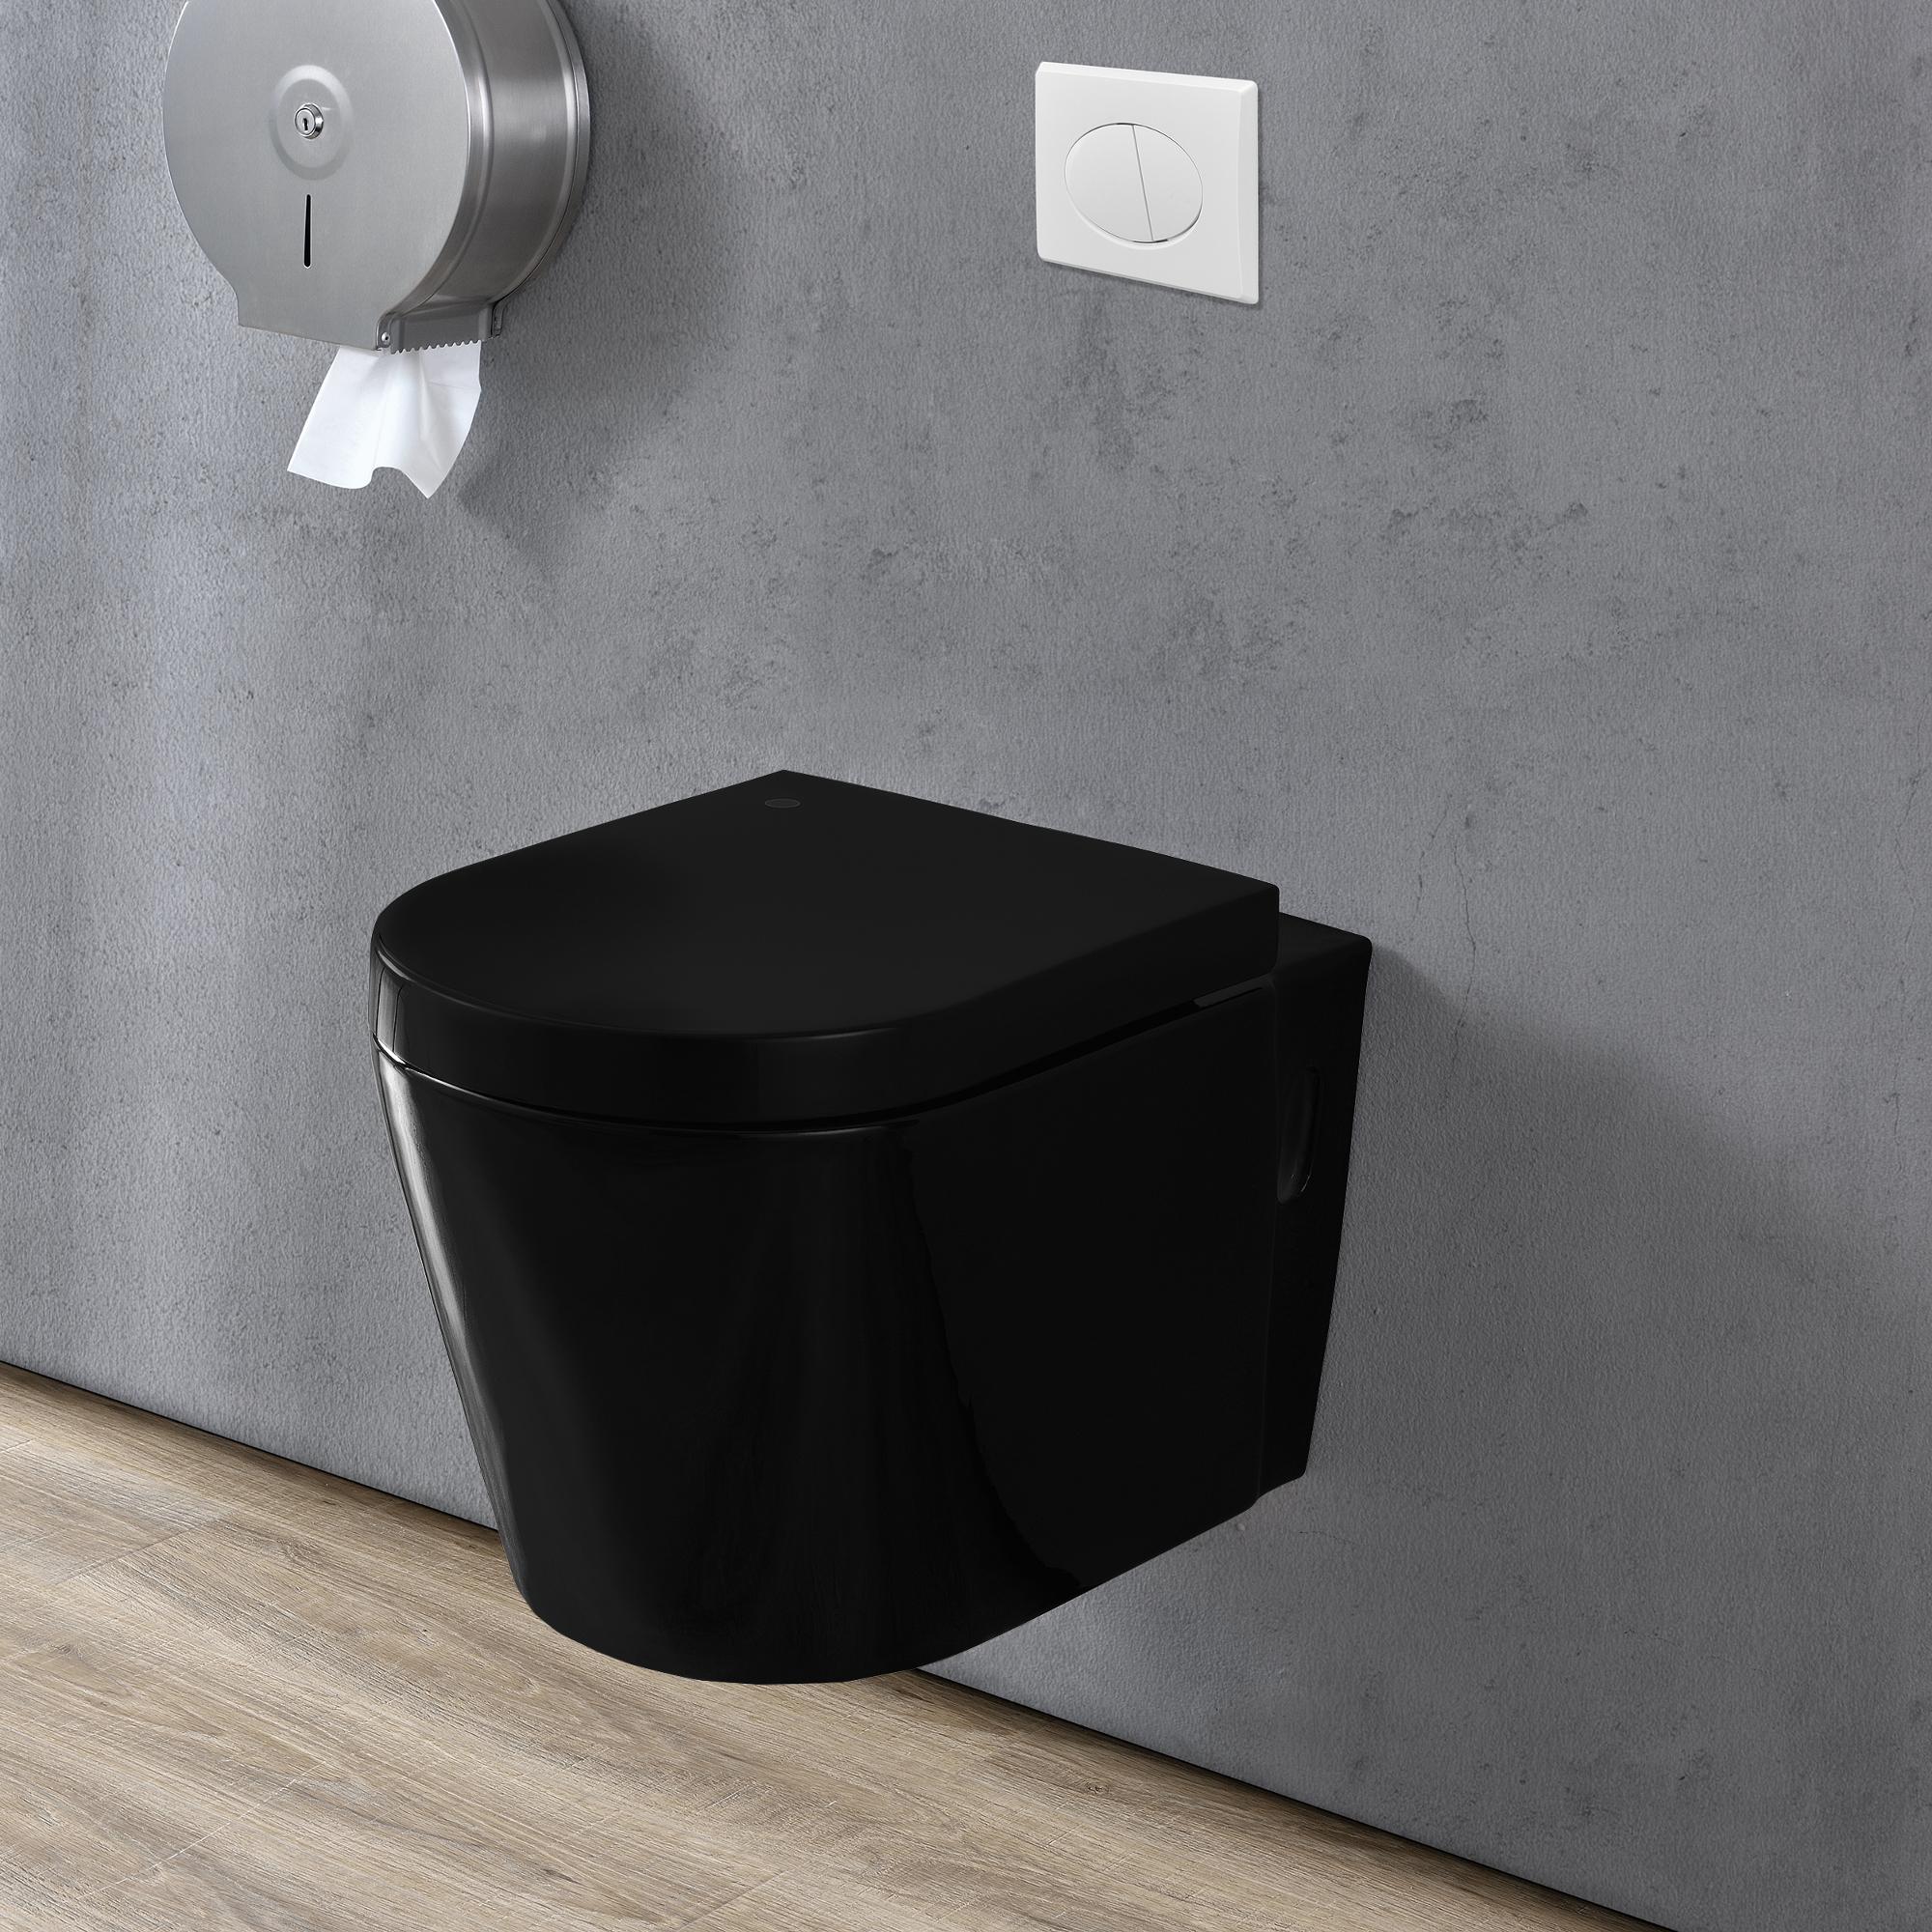 randloses wc sp lrandloses wc von hornbach randloses wc bringt mehr sauberkeit und hygiene. Black Bedroom Furniture Sets. Home Design Ideas